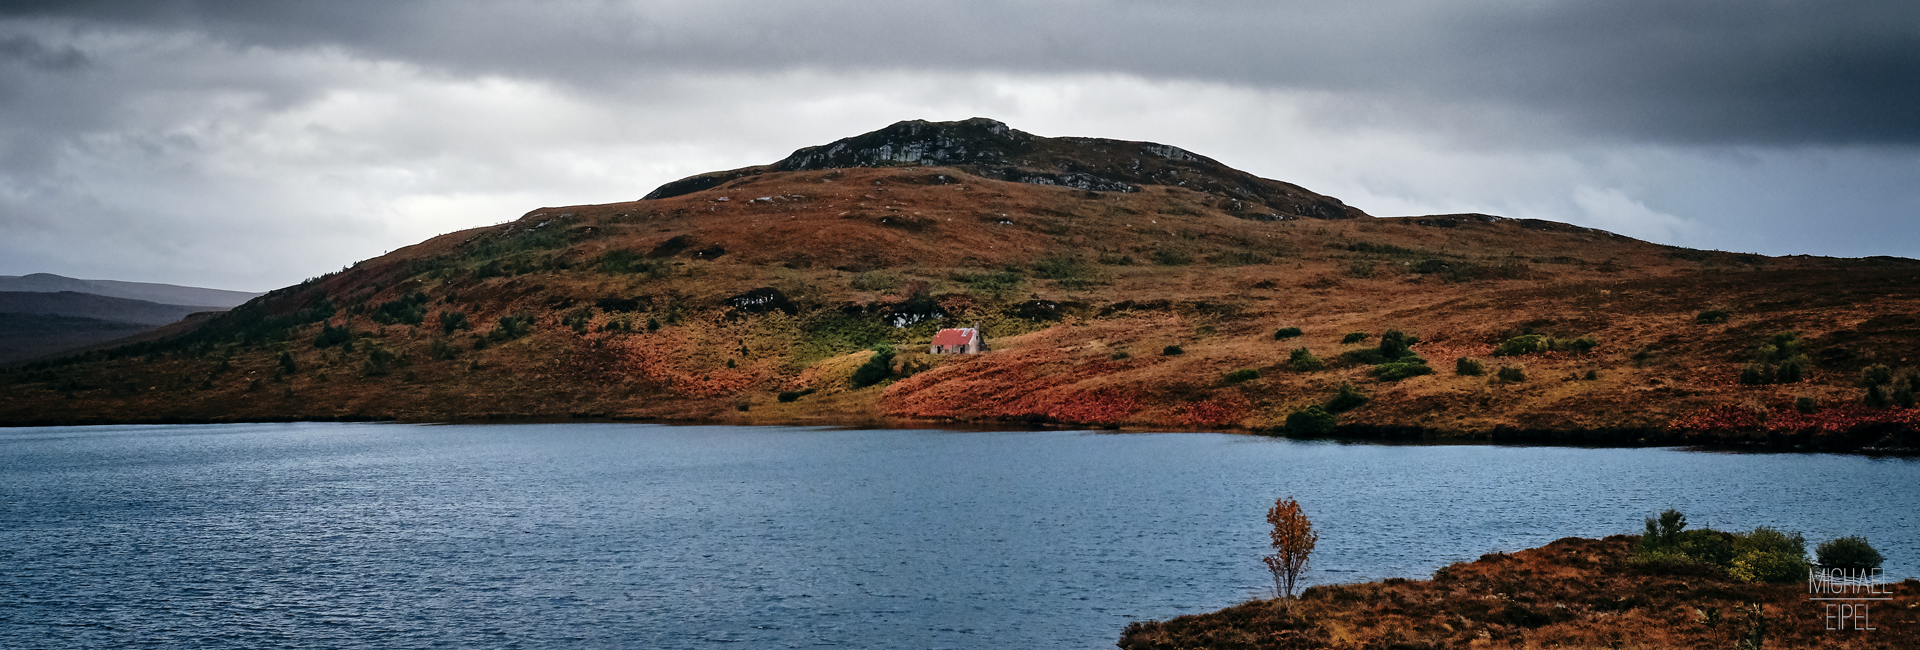 Schottland | Michael Eipel Fotografie